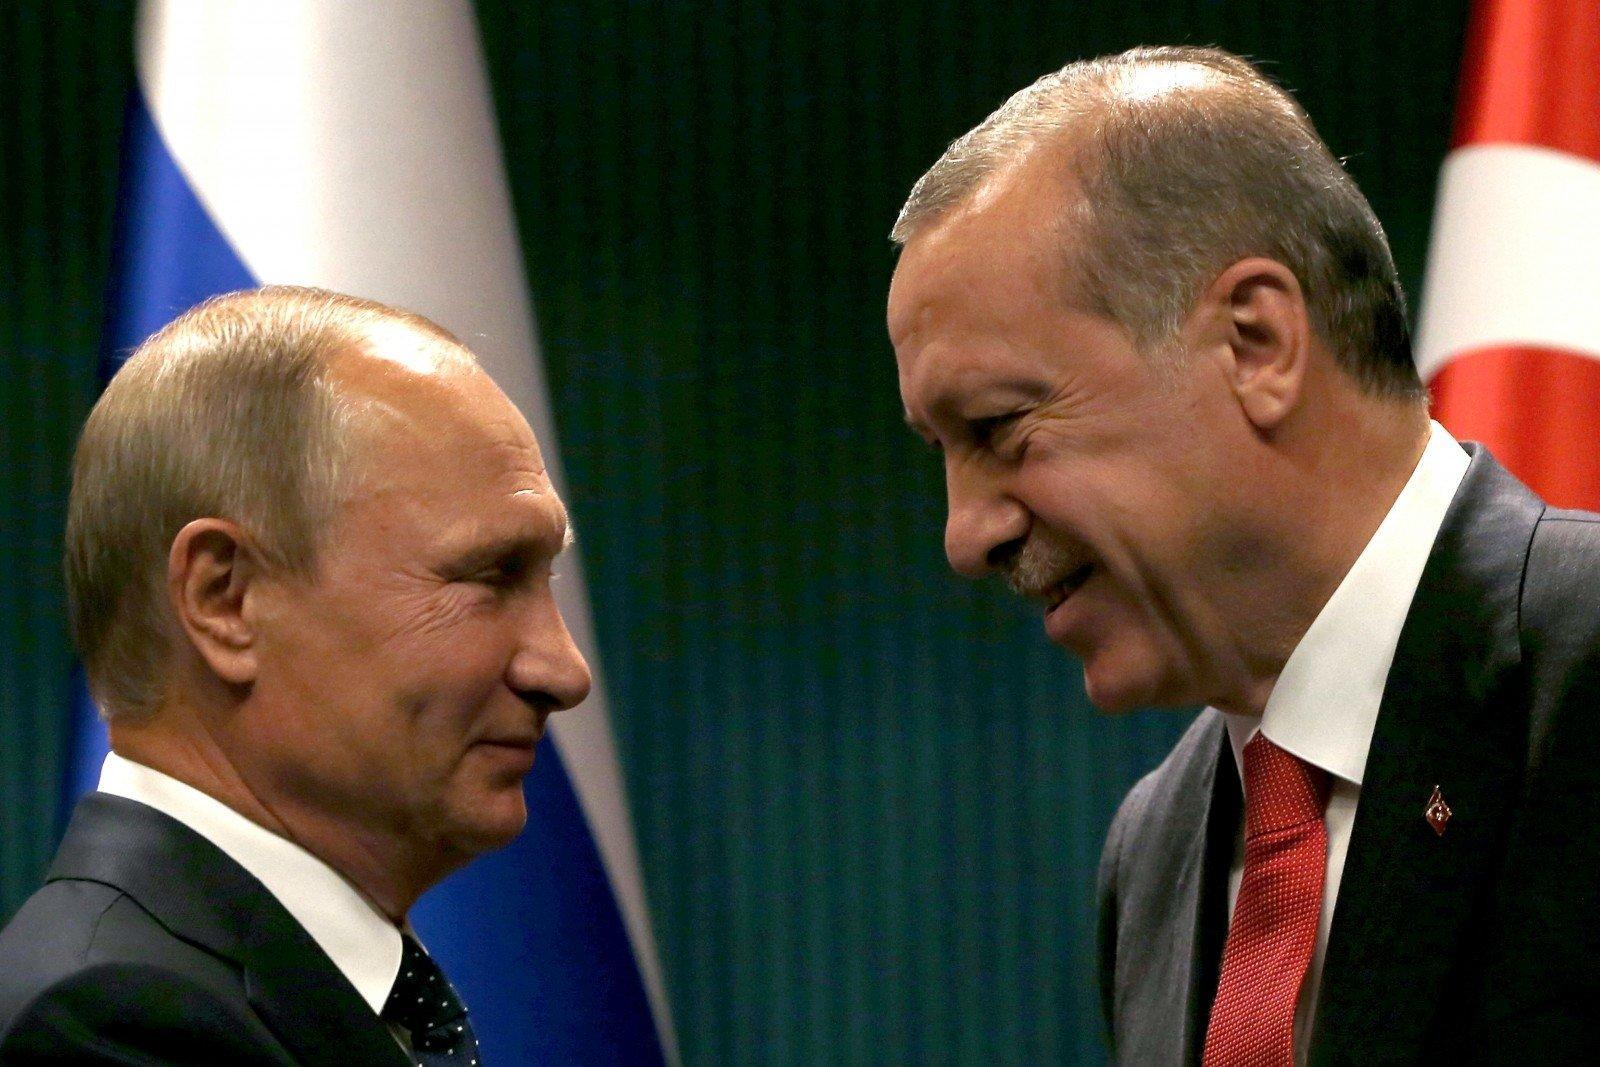 США в ярости: почему они против договоренностей РФ и Турции по Сирии